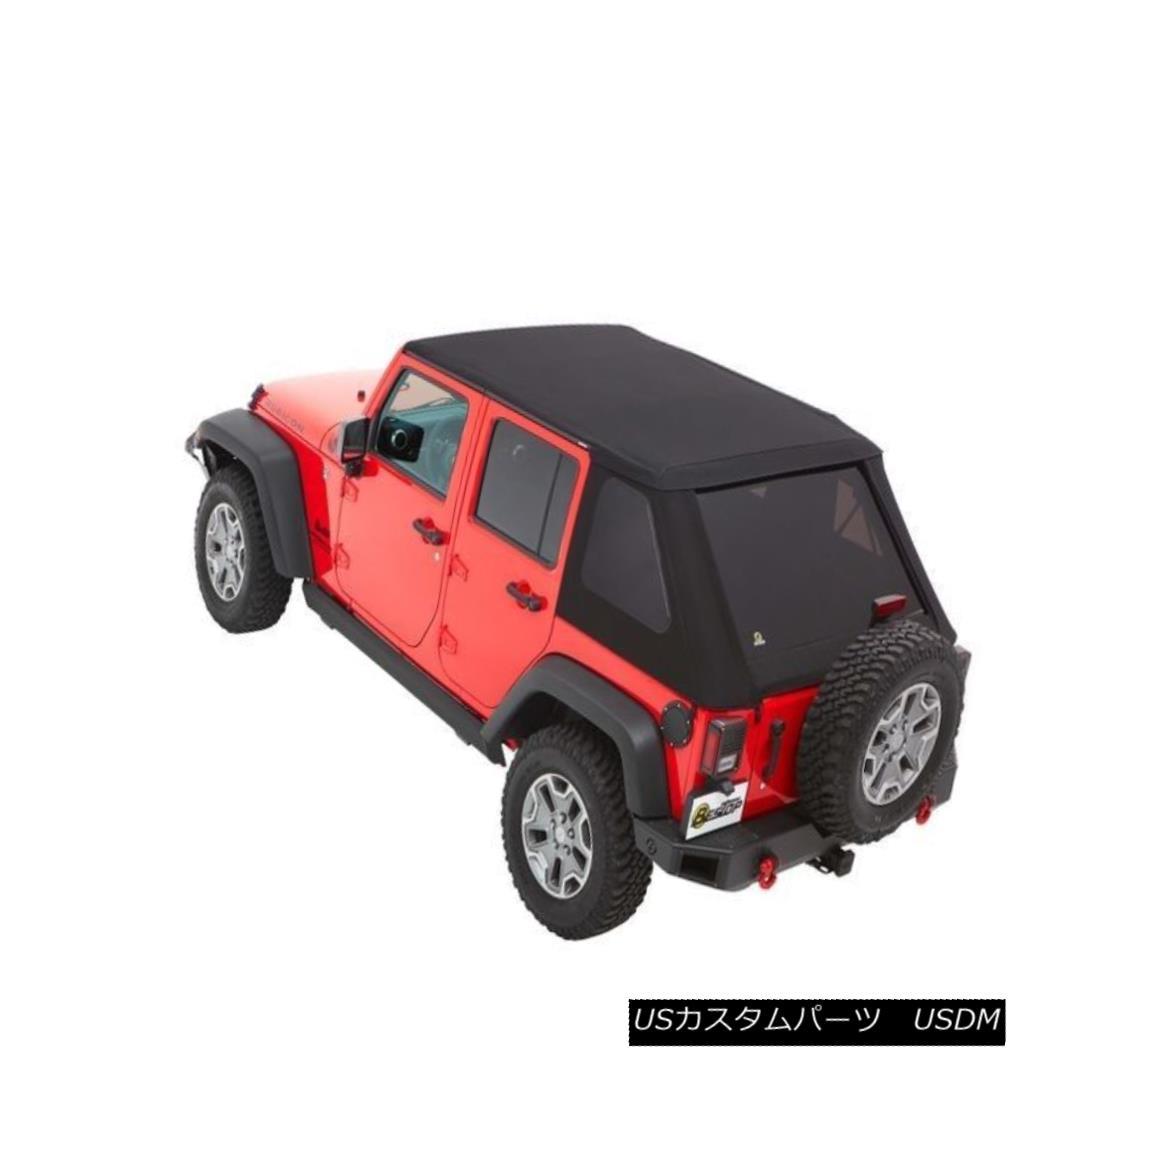 幌・ソフトトップ Bestop TrekTop NX Plus Black Diamond Soft Top 07-17 Jeep Wrangler JK Unlimited Bestop TrekTop NX Plusブラックダイヤモンドソフトトップ07-17ジープラングラーJK Unlimited